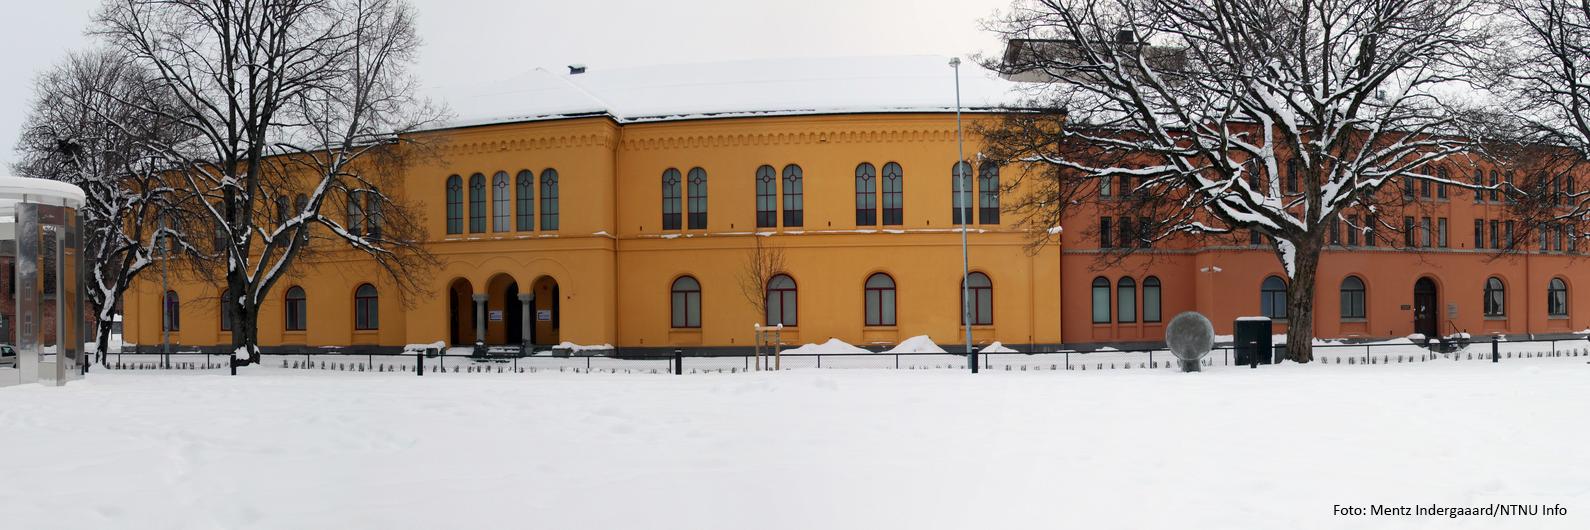 Vitenskapsmuseet i Trondheim moderniseres